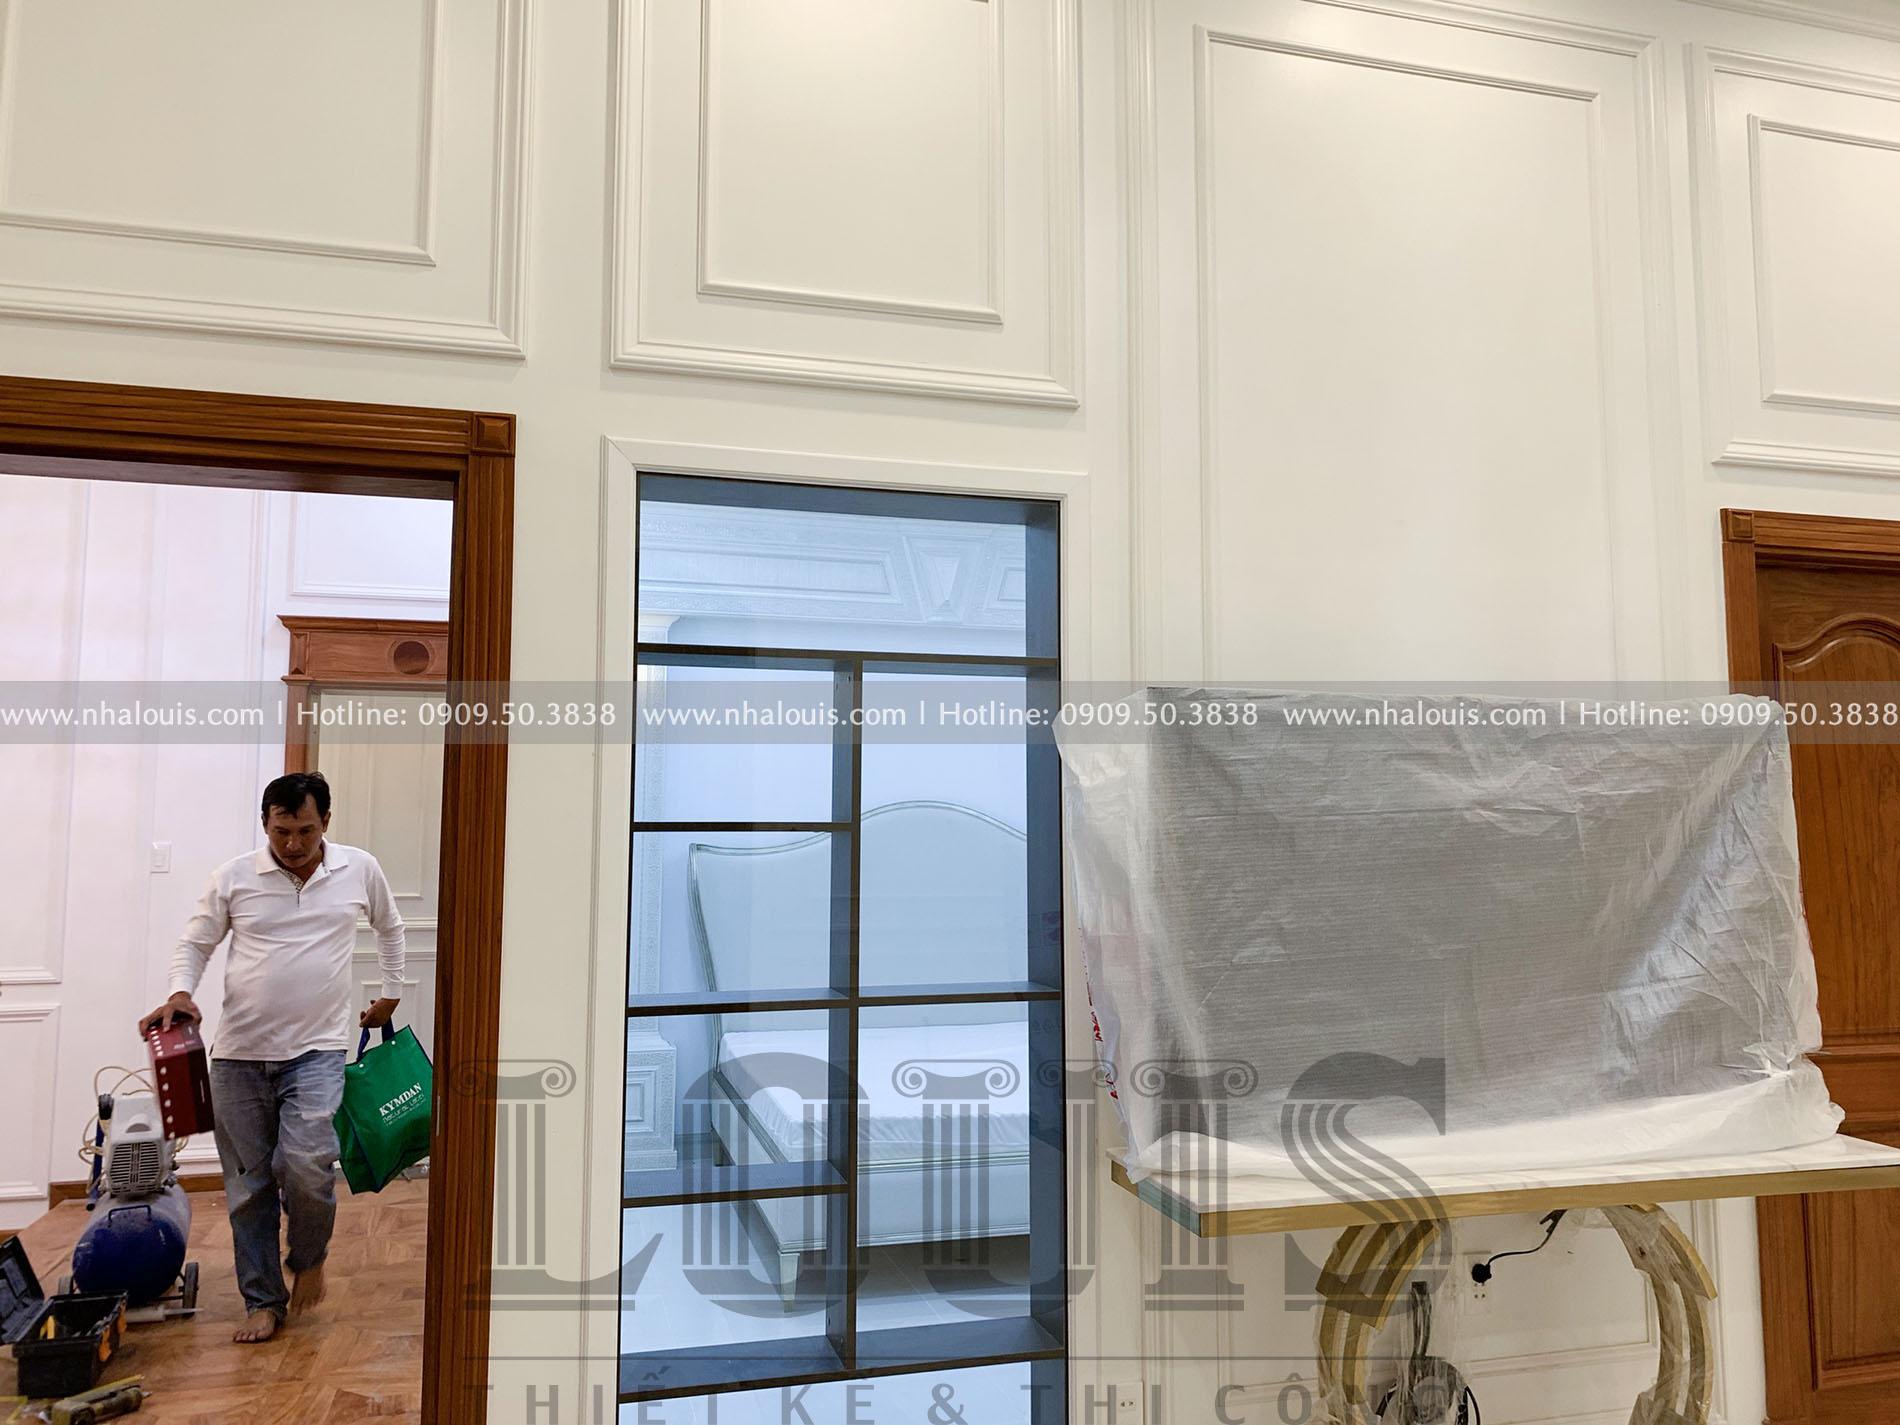 Lắp đặt nội thất biệt thự cổ điển 2 tầng sang trọng tại Bến Tre